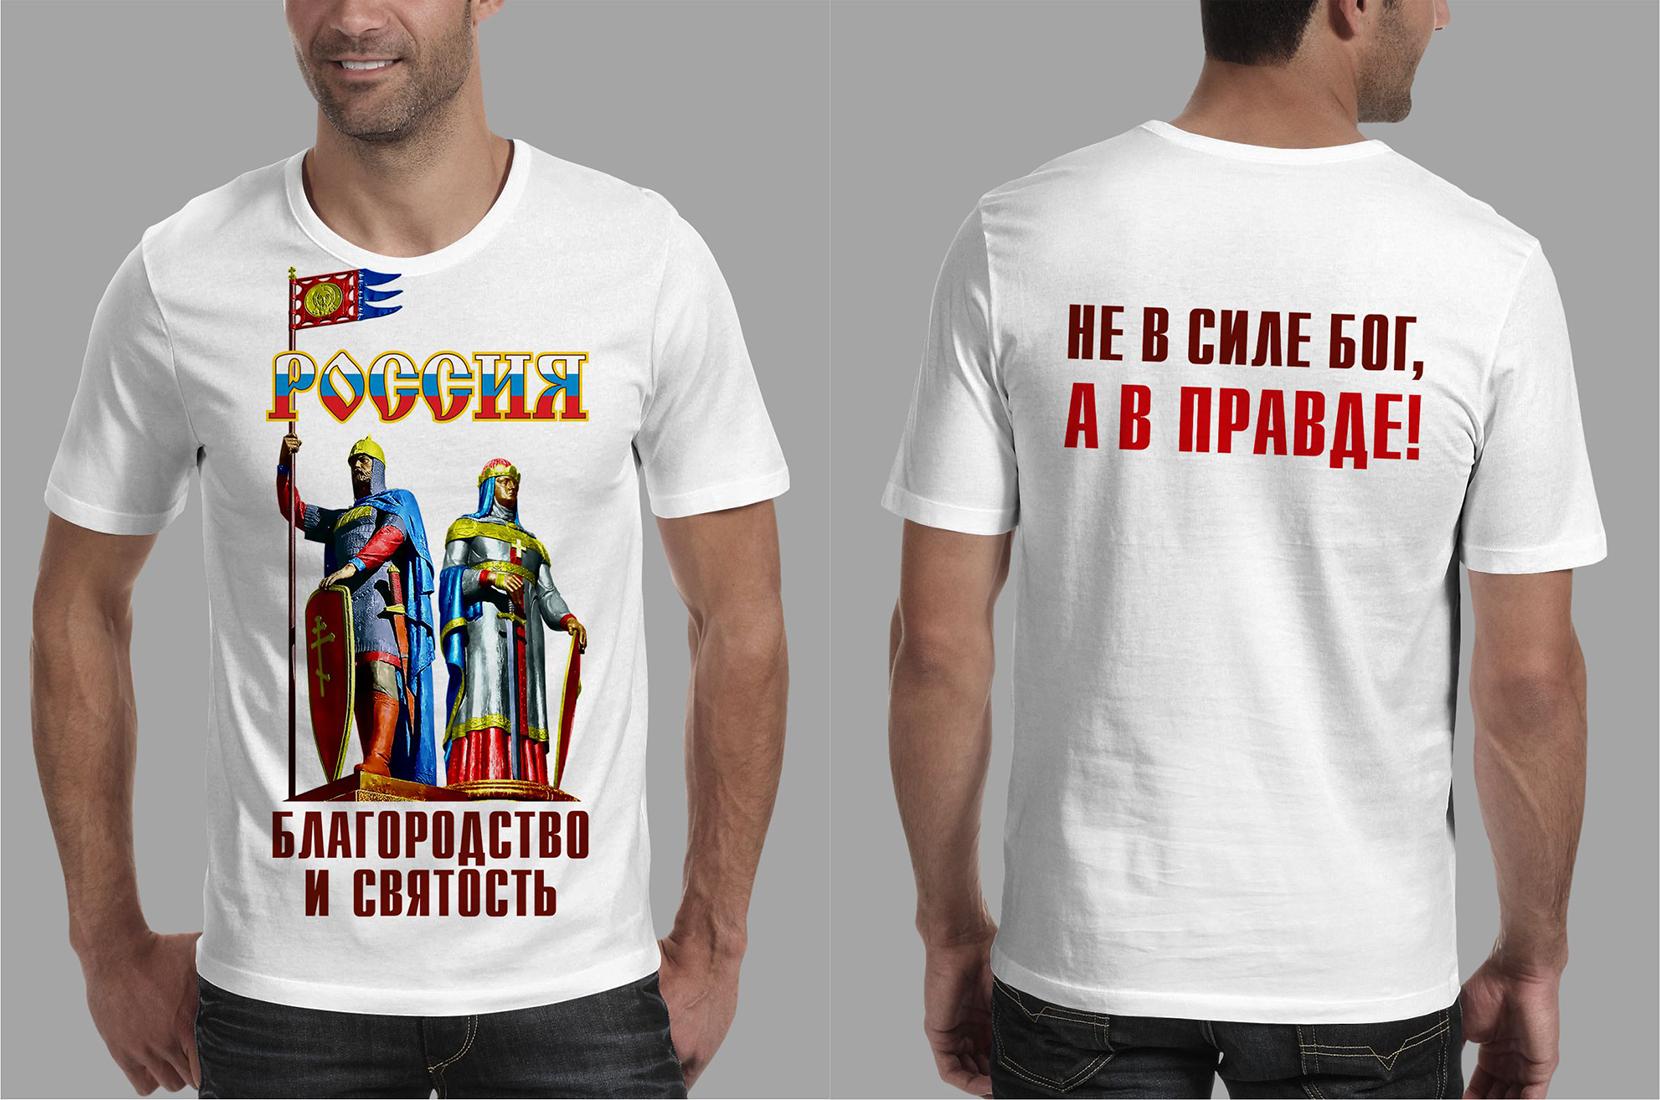 Конкурс принтов на футболки! 1 место 4000р., 2 место 2000р. фото f_99659dd61be3a3f7.jpg